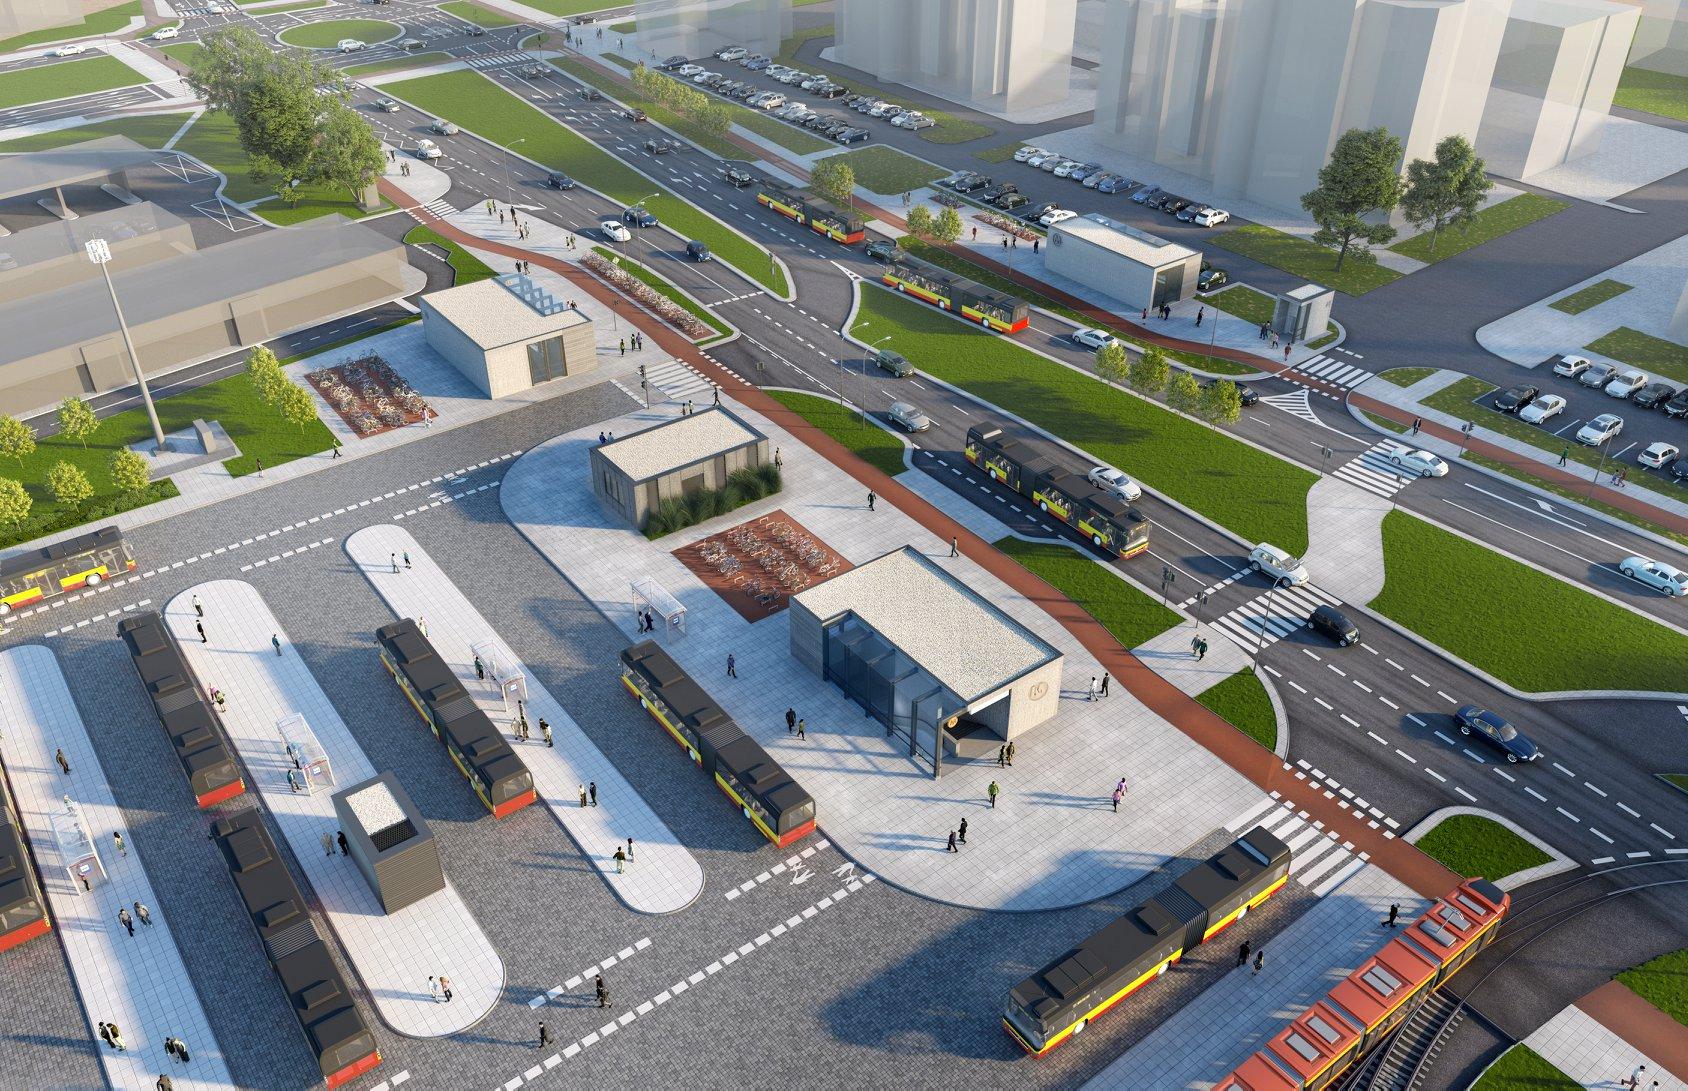 Wizualizacje trzech ostatnich stacji metra M2 Chrzanów, Lazurowa, Karolin